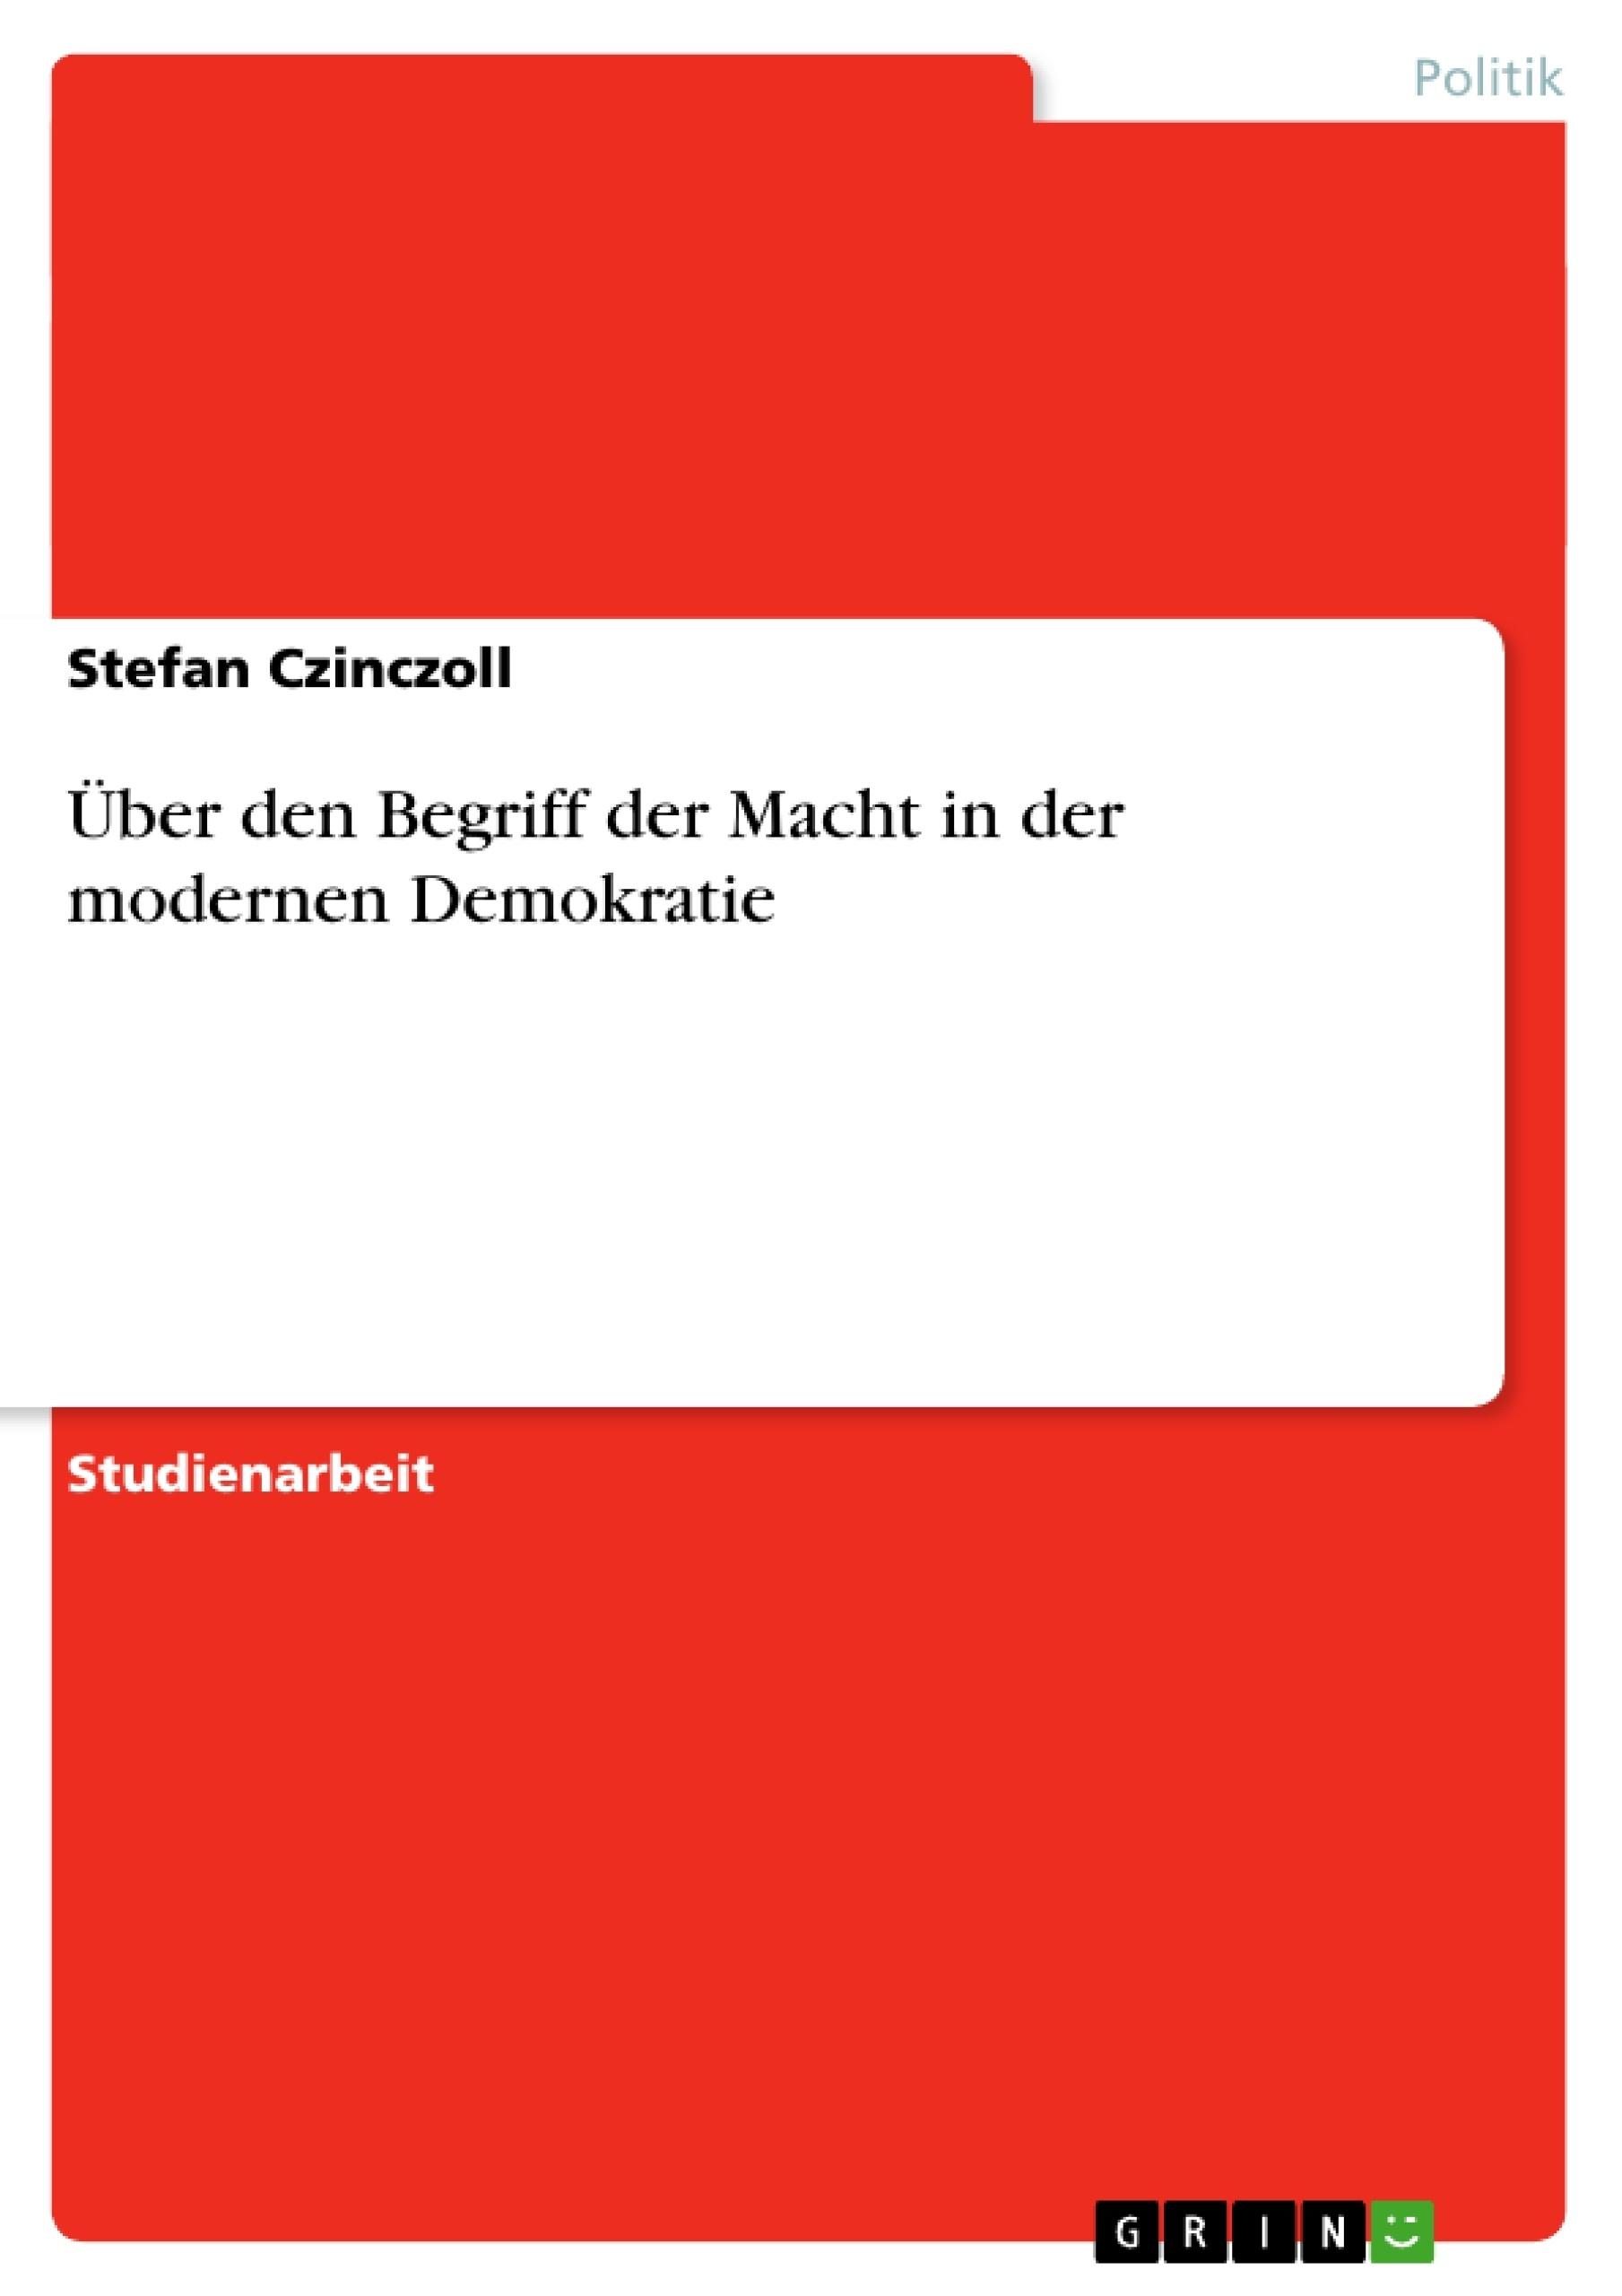 Titel: Über den Begriff der Macht in der modernen Demokratie